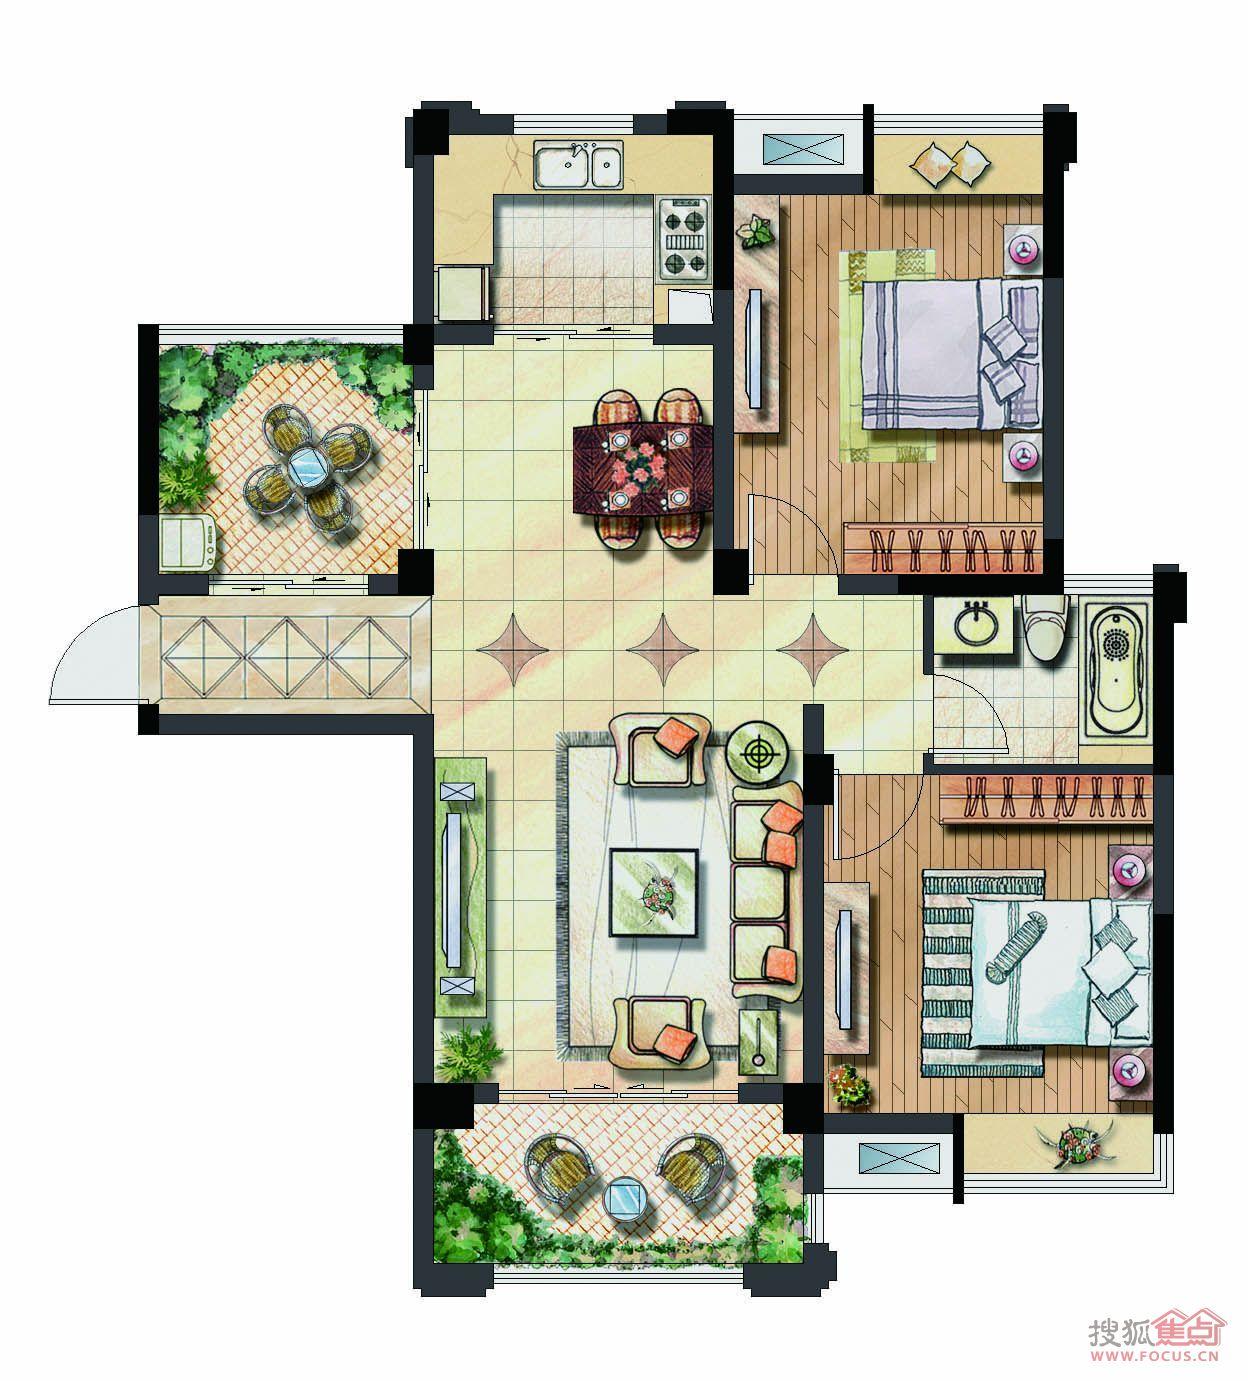 图片: 保利香槟国际93平两室两厅一卫户型